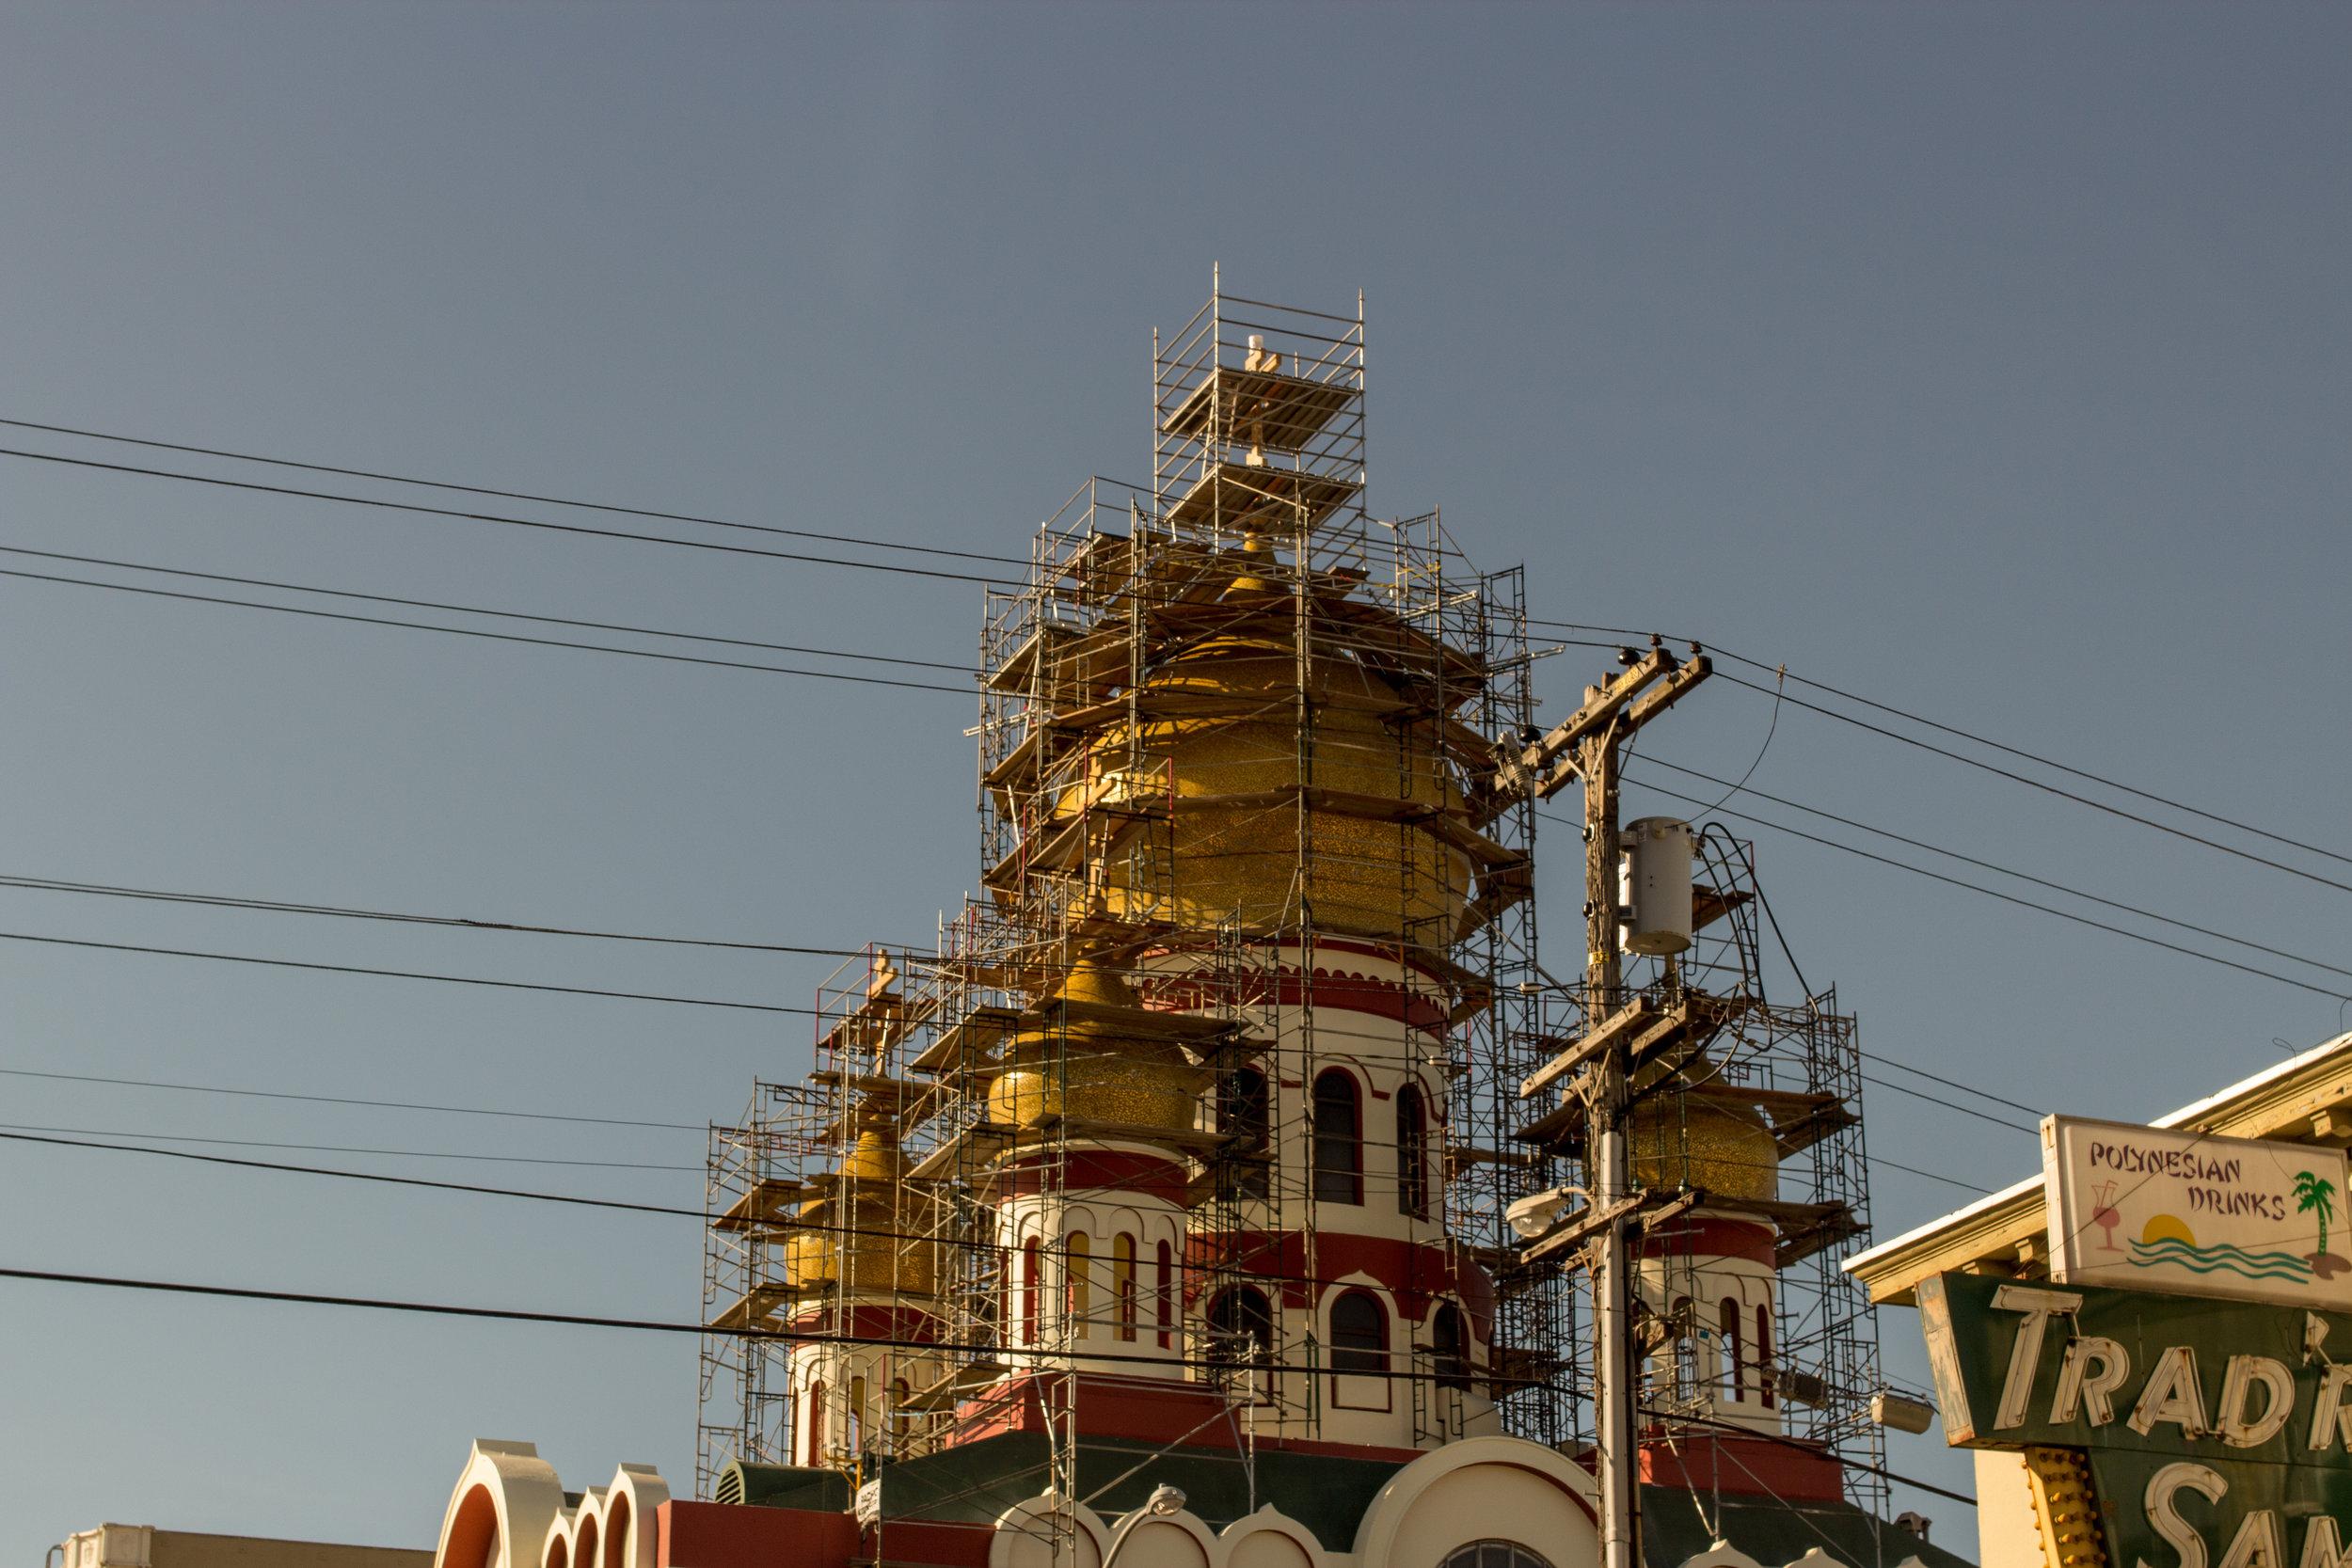 Orthodox Steeples under repair, 2016